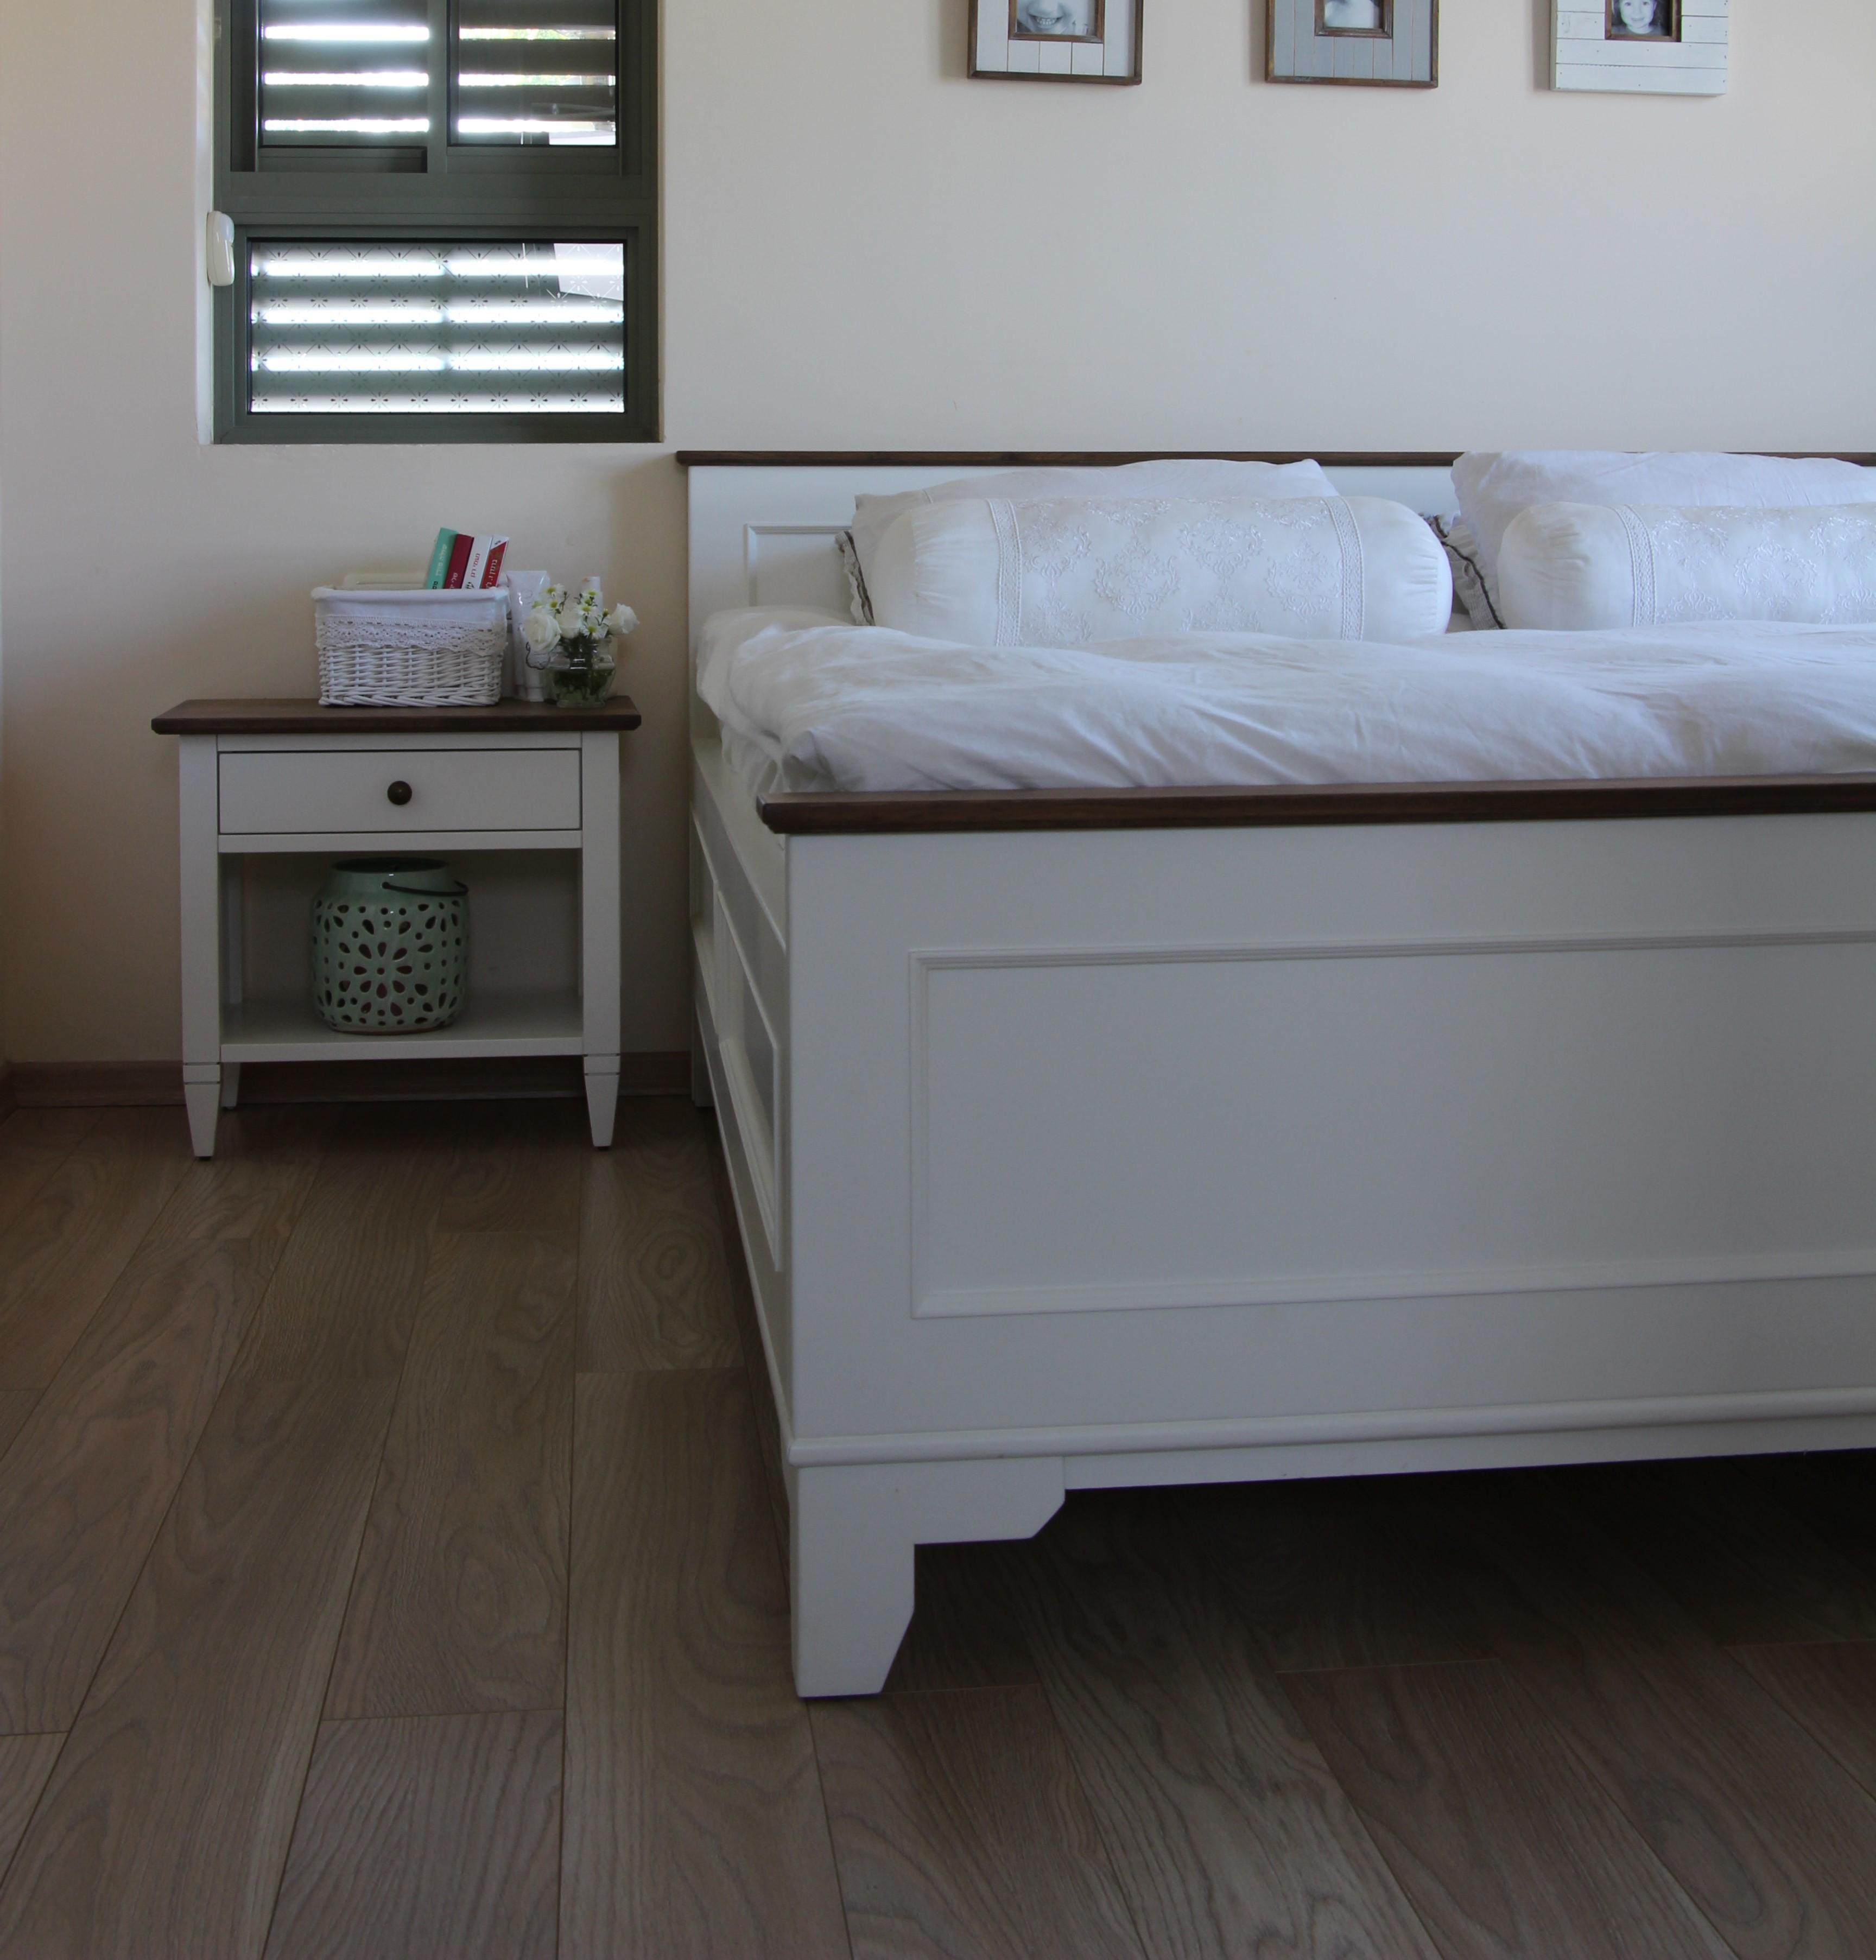 מיטה ושידה